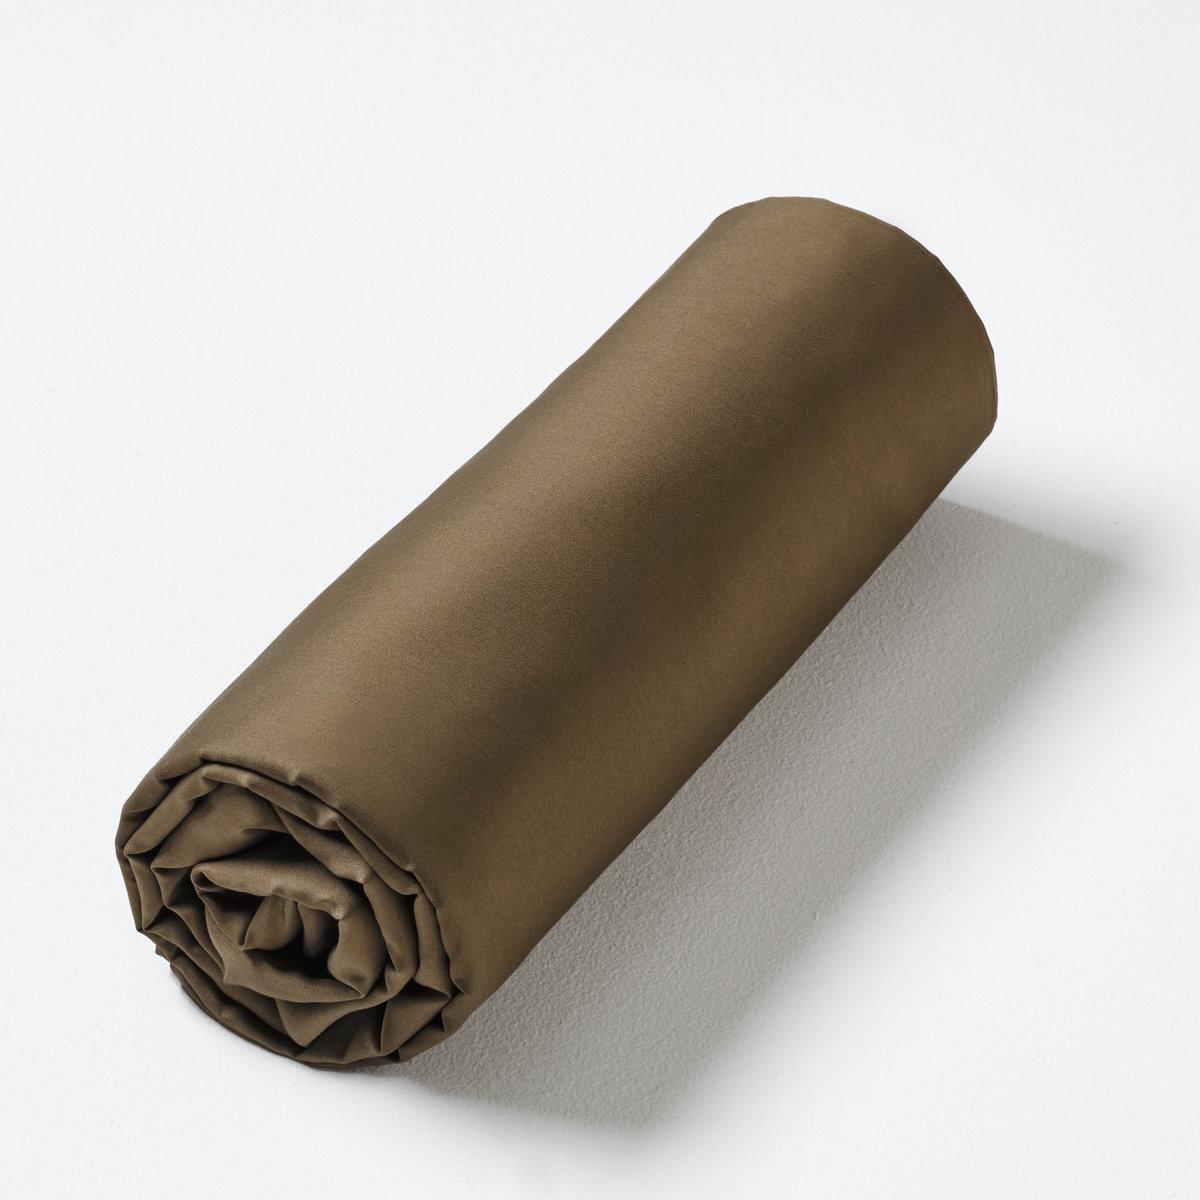 Натяжная простыня Ysabel, сатин из чистого хлопкаСертификат Oeko-Tex® дает гарантию того, что товары изготовлены без применения химических средств и не представляют опасности для здоровья человека.<br><br>Цвет: каштановый<br>Размер: 140 x 190  см